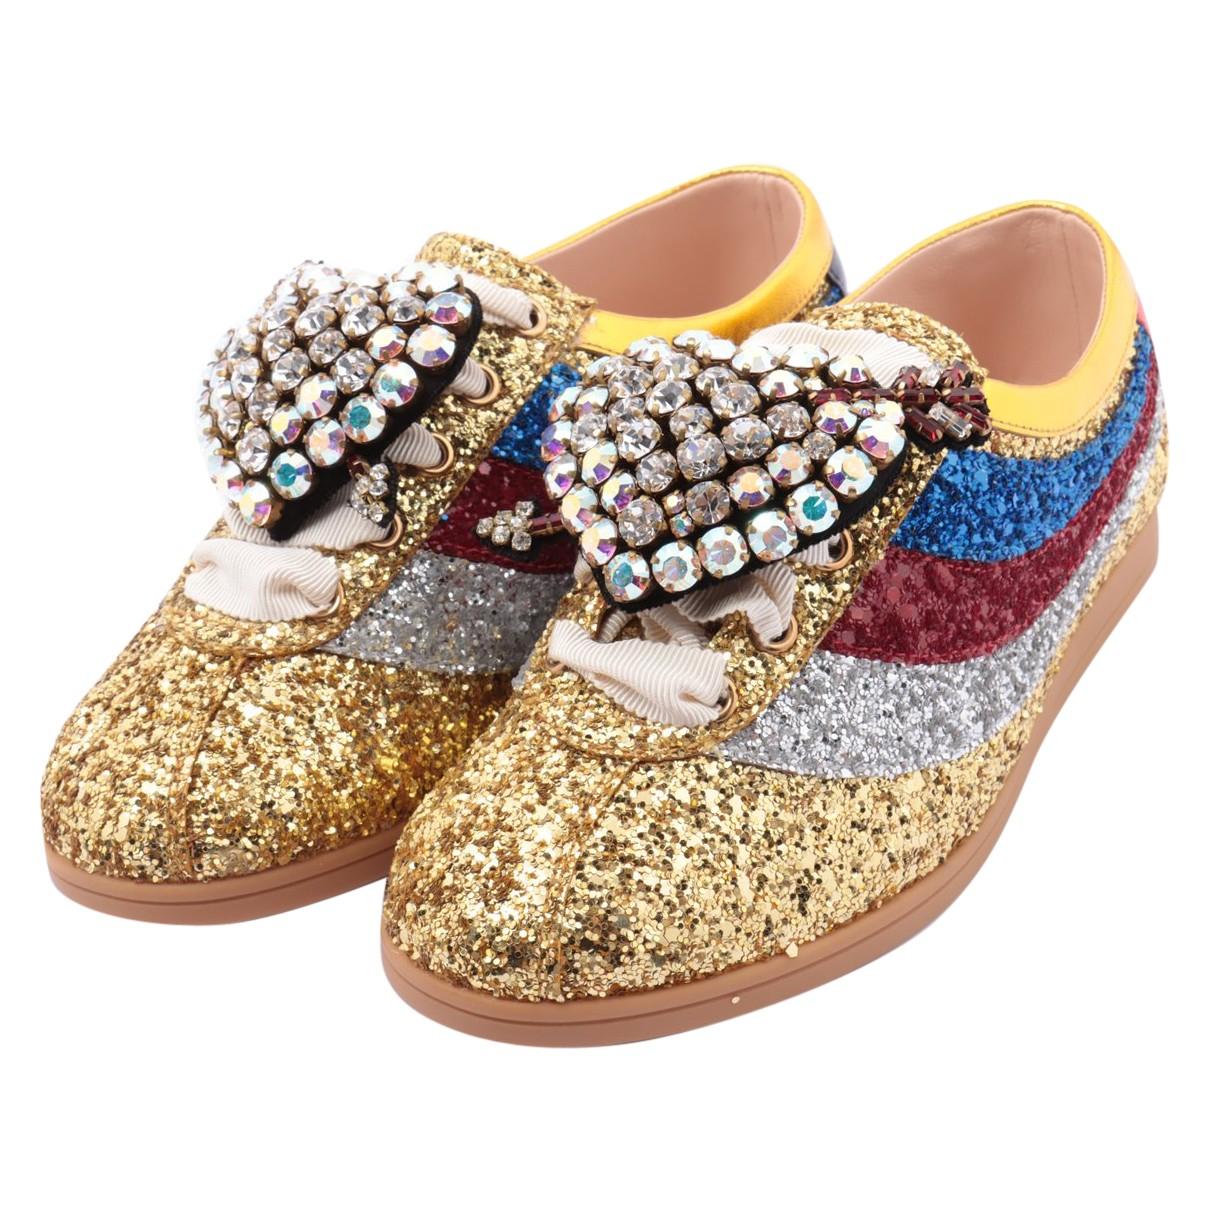 Gucci - Baskets Falacer pour femme en a paillettes - multicolore